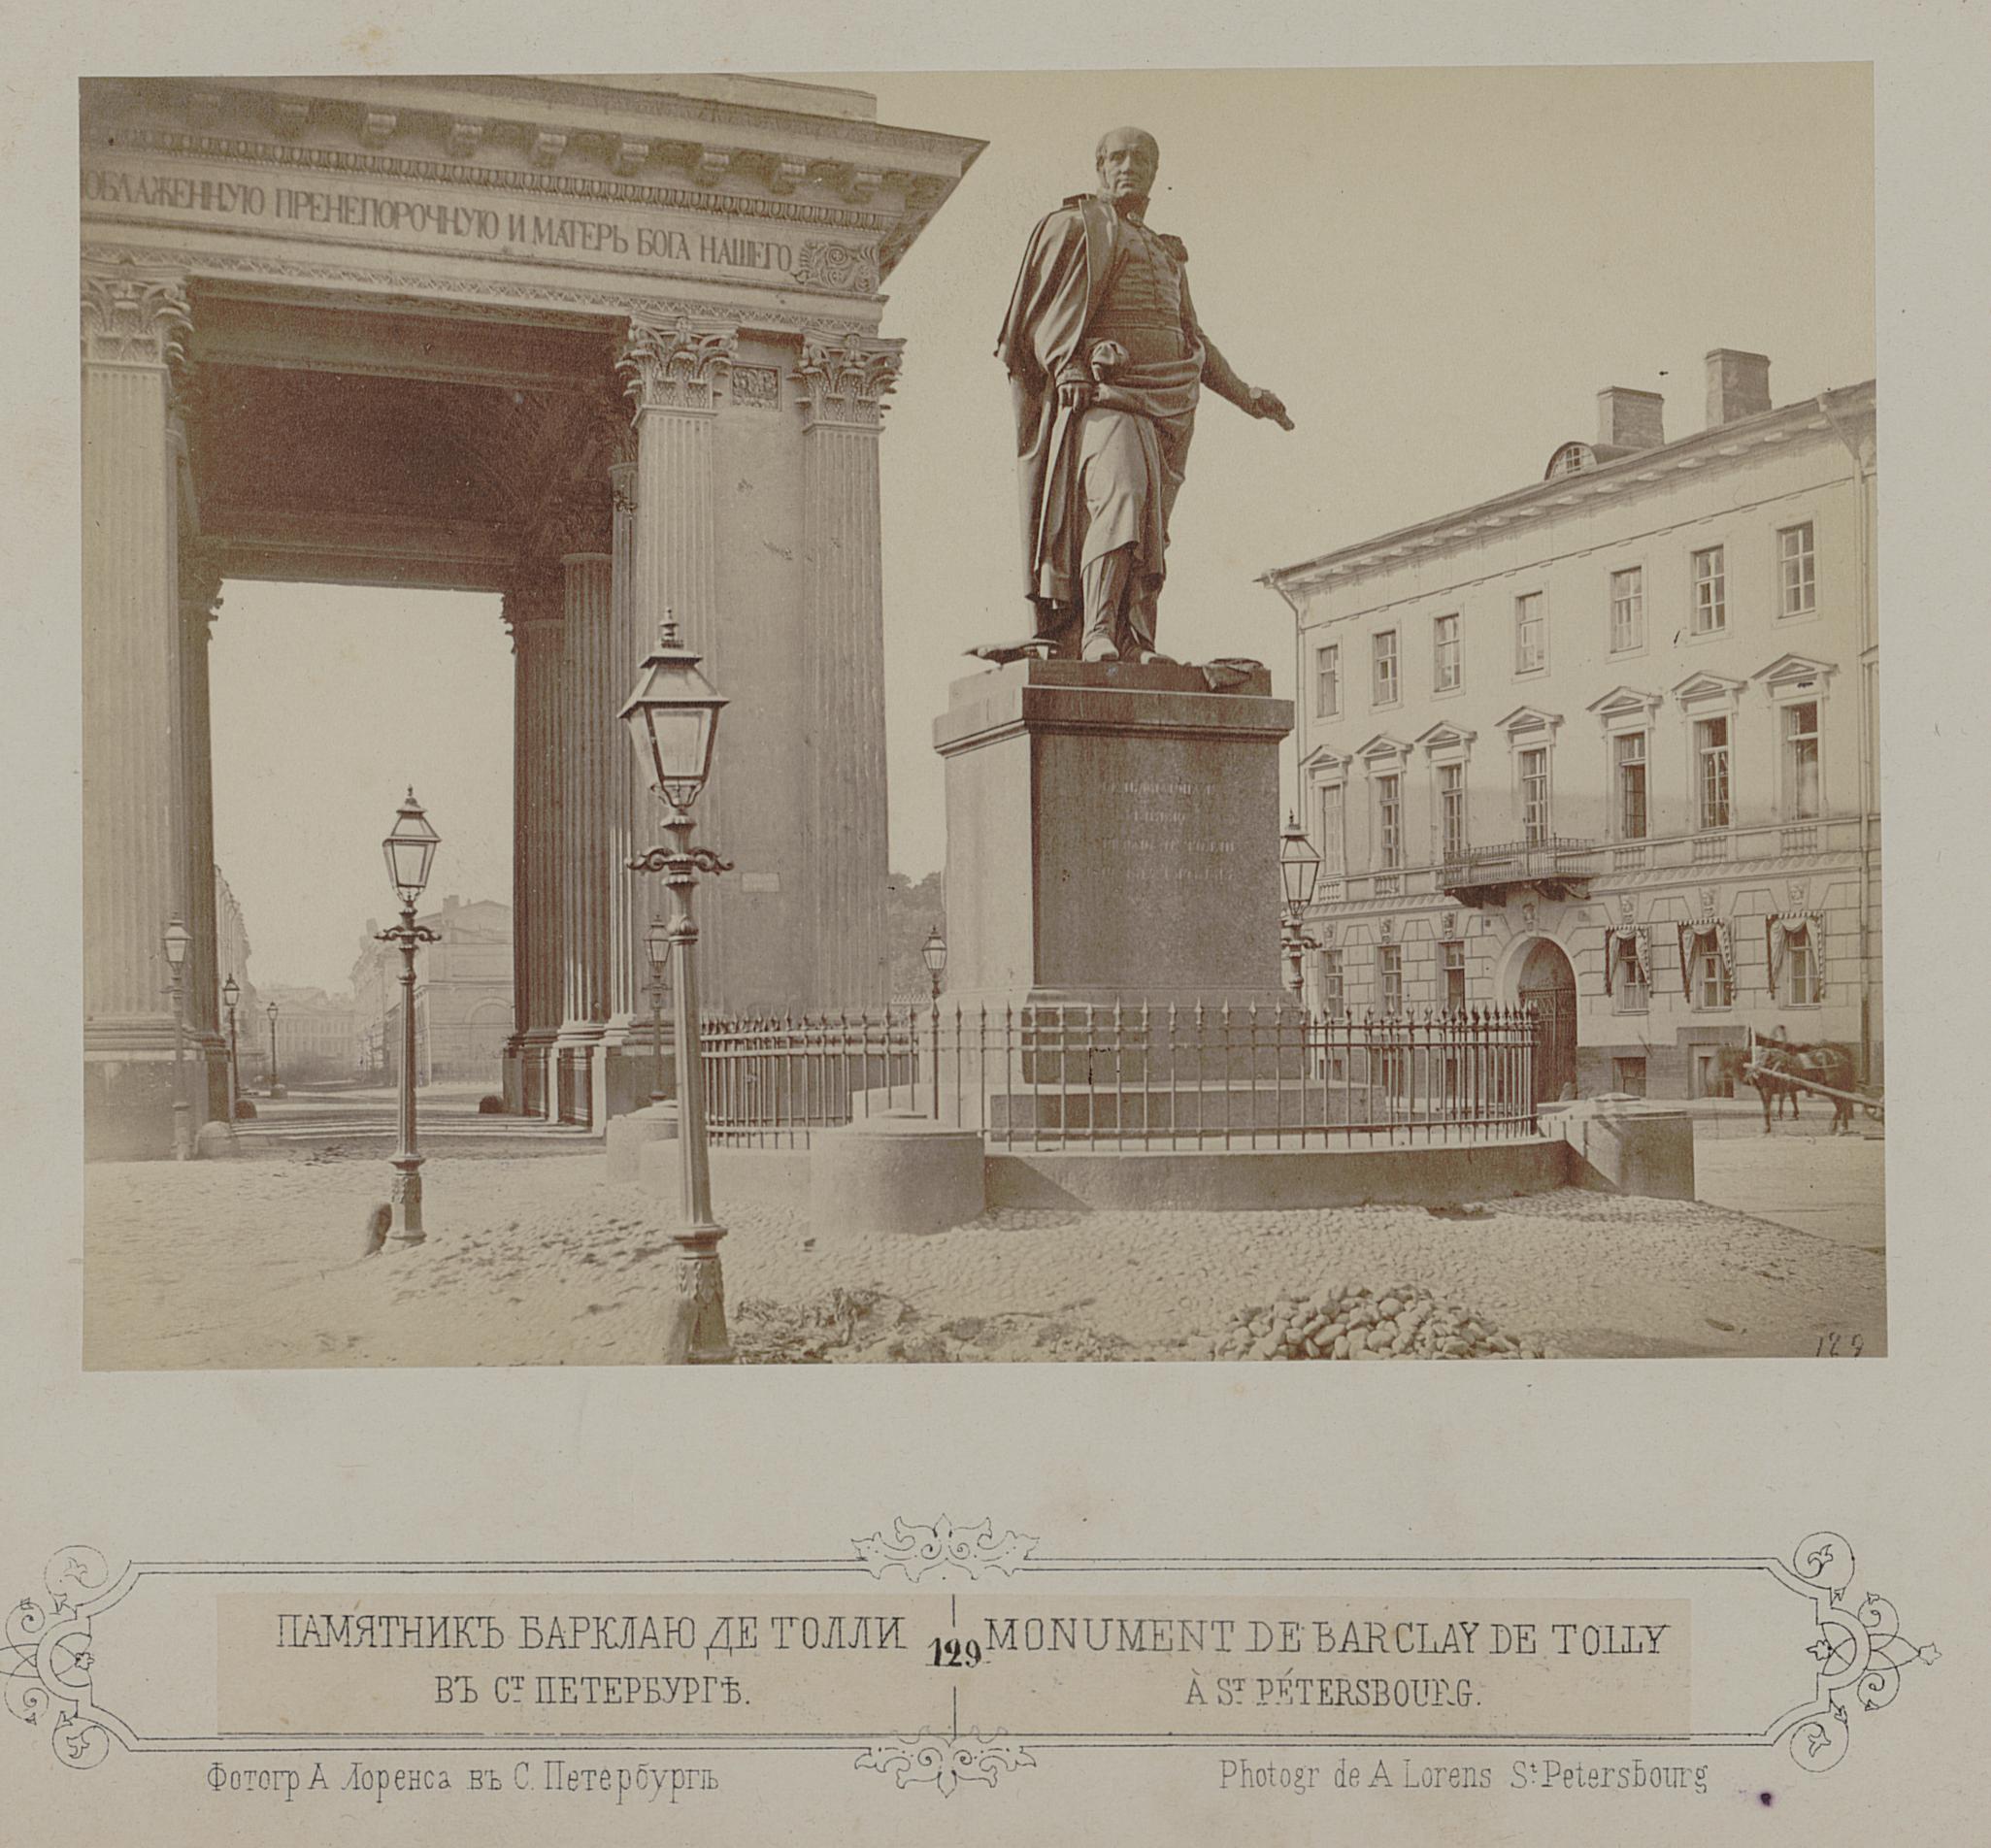 129. Памятник Барклаю де Толли